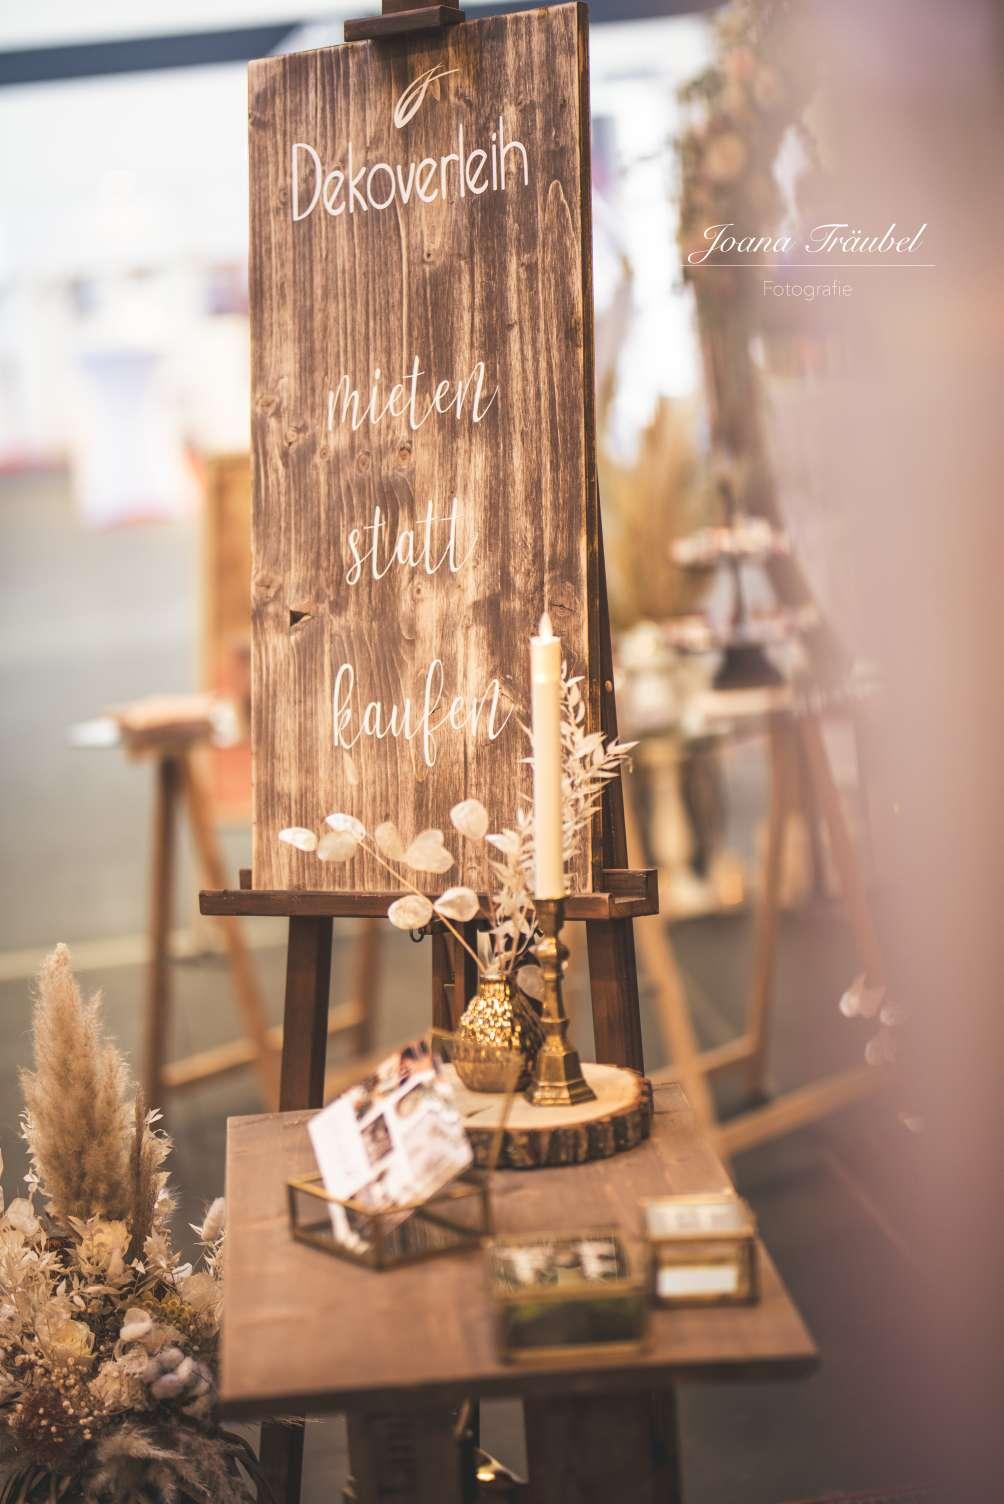 Holzschild mit der Aufschrift Dekoverleih mieten statt kaufen stehend in einer Staffelei aus Holz aufgenommen auf der Hochzeitsmesse Herz an Herz in Neumünster am Stand vom Dekoverleih schön anders bei Kiel dort kann man Deko für eine Hochzeit mieten